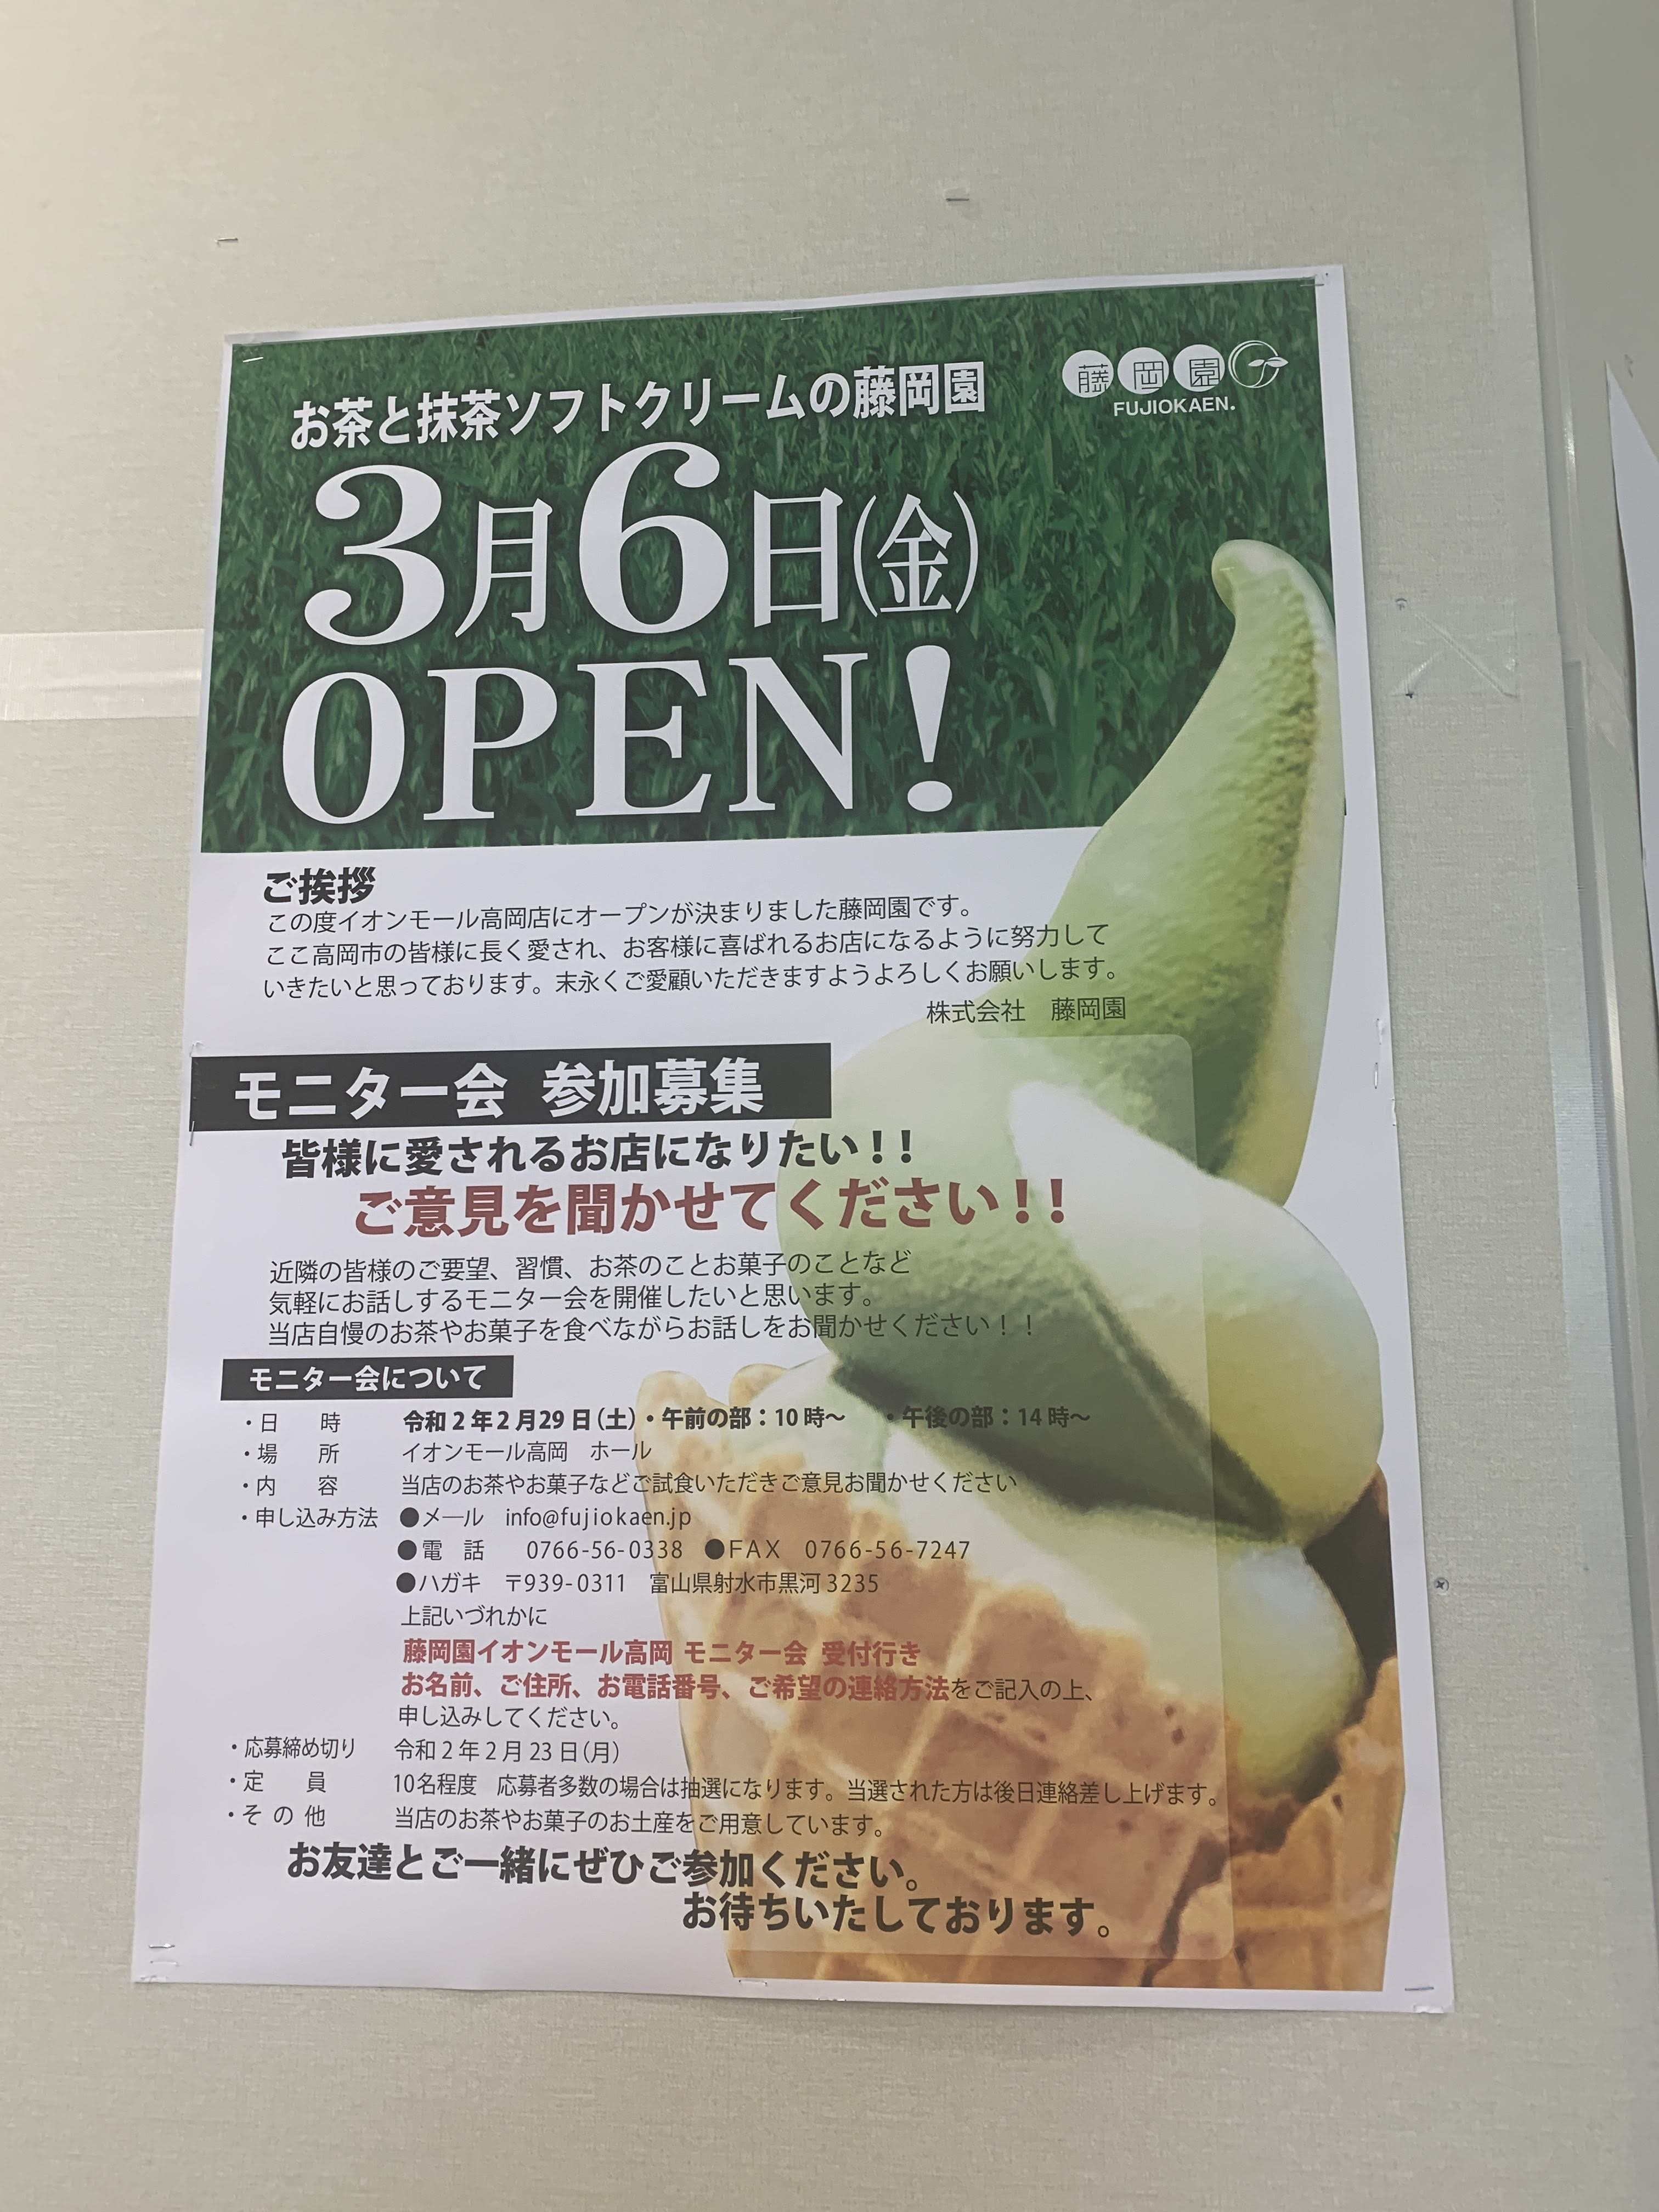 藤岡園のイオンモール高岡店が3月6日にオープン